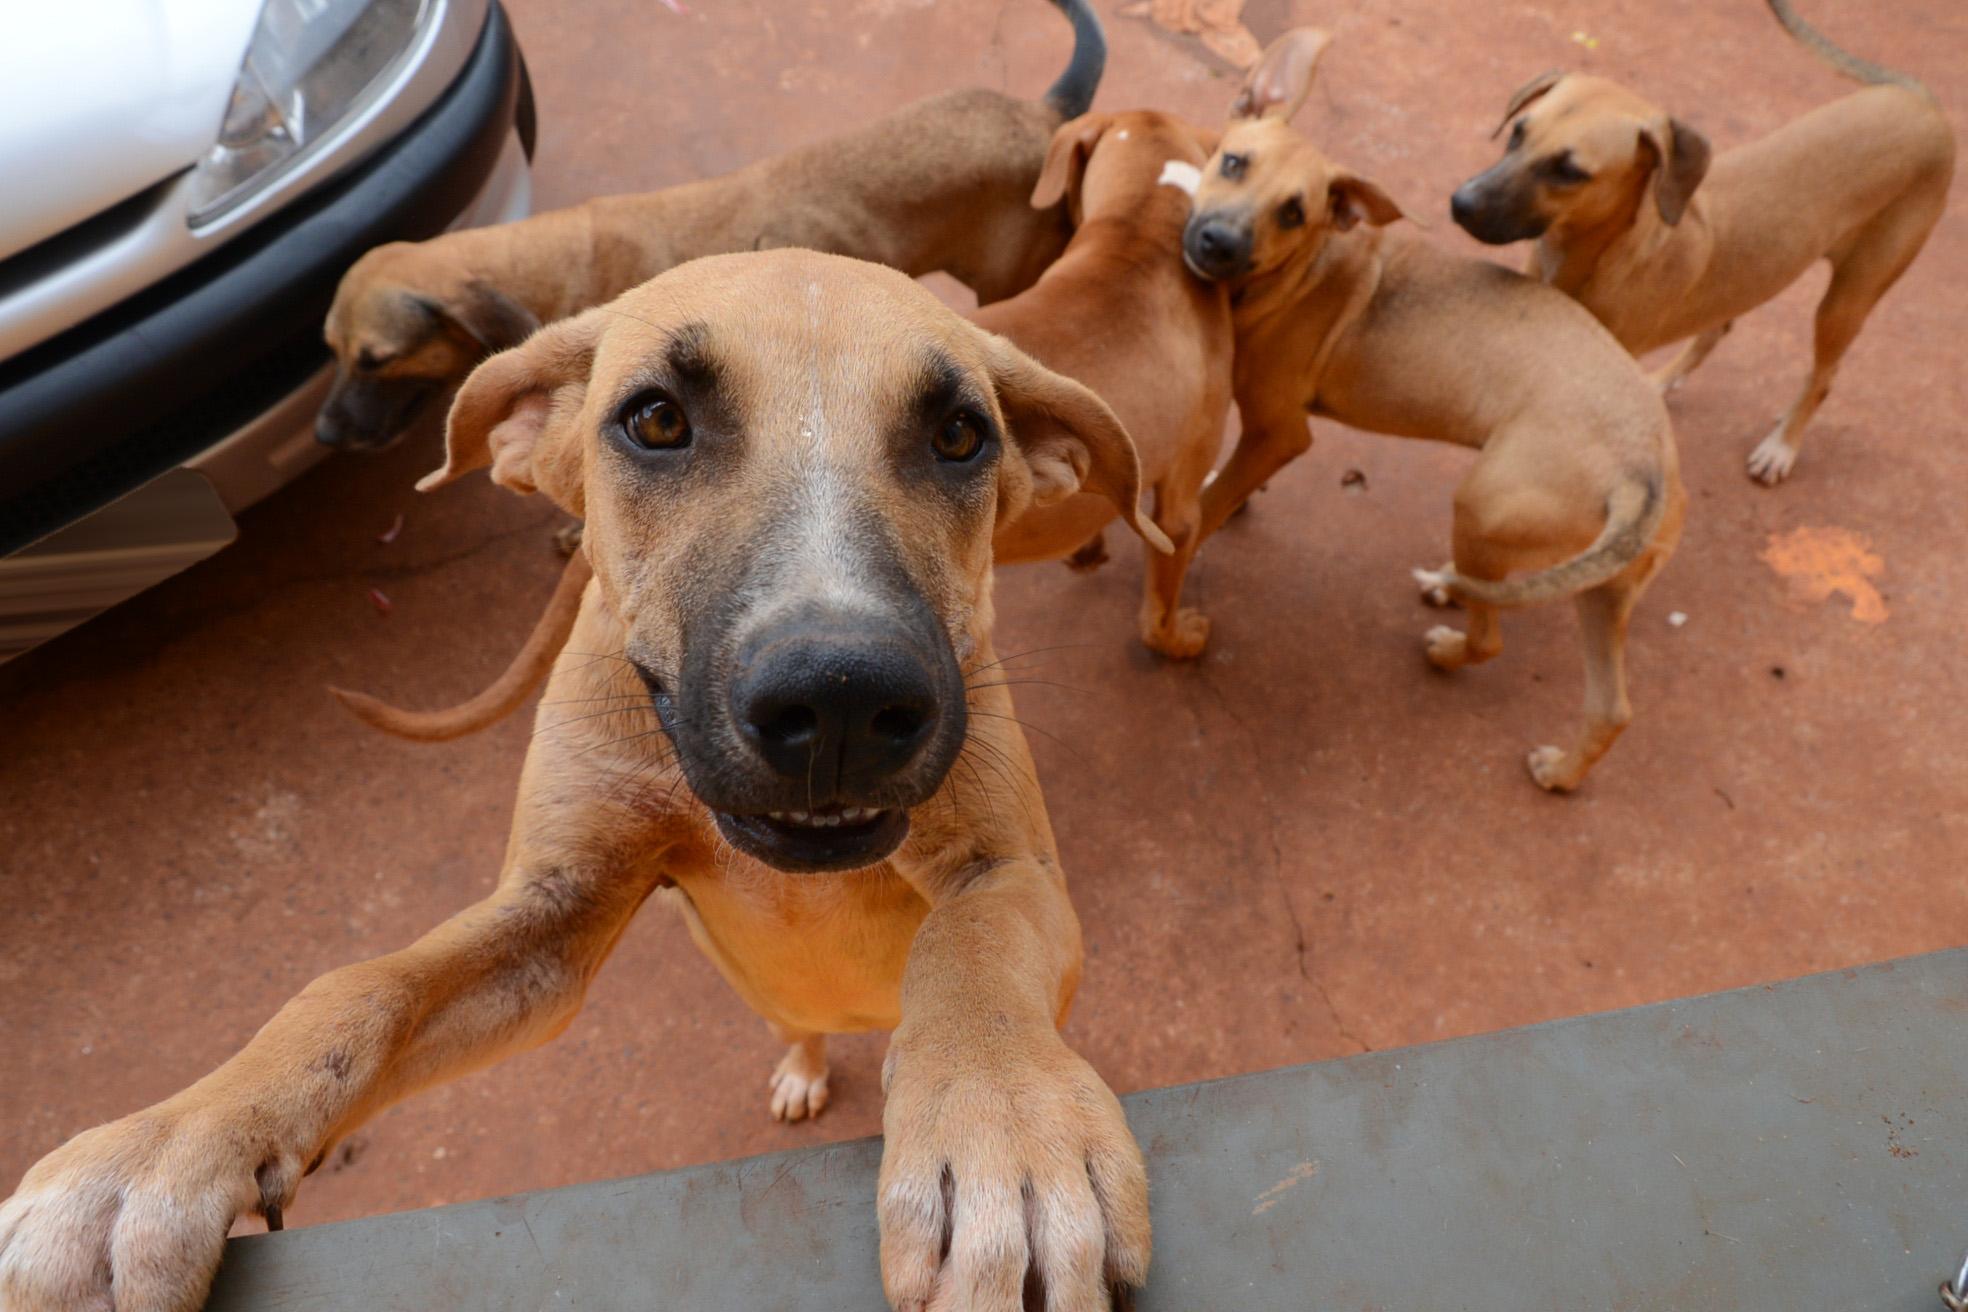 Censo das Vigilâncias Epidemiológica e Sanitária irá mapear os animais domésticos de Assis